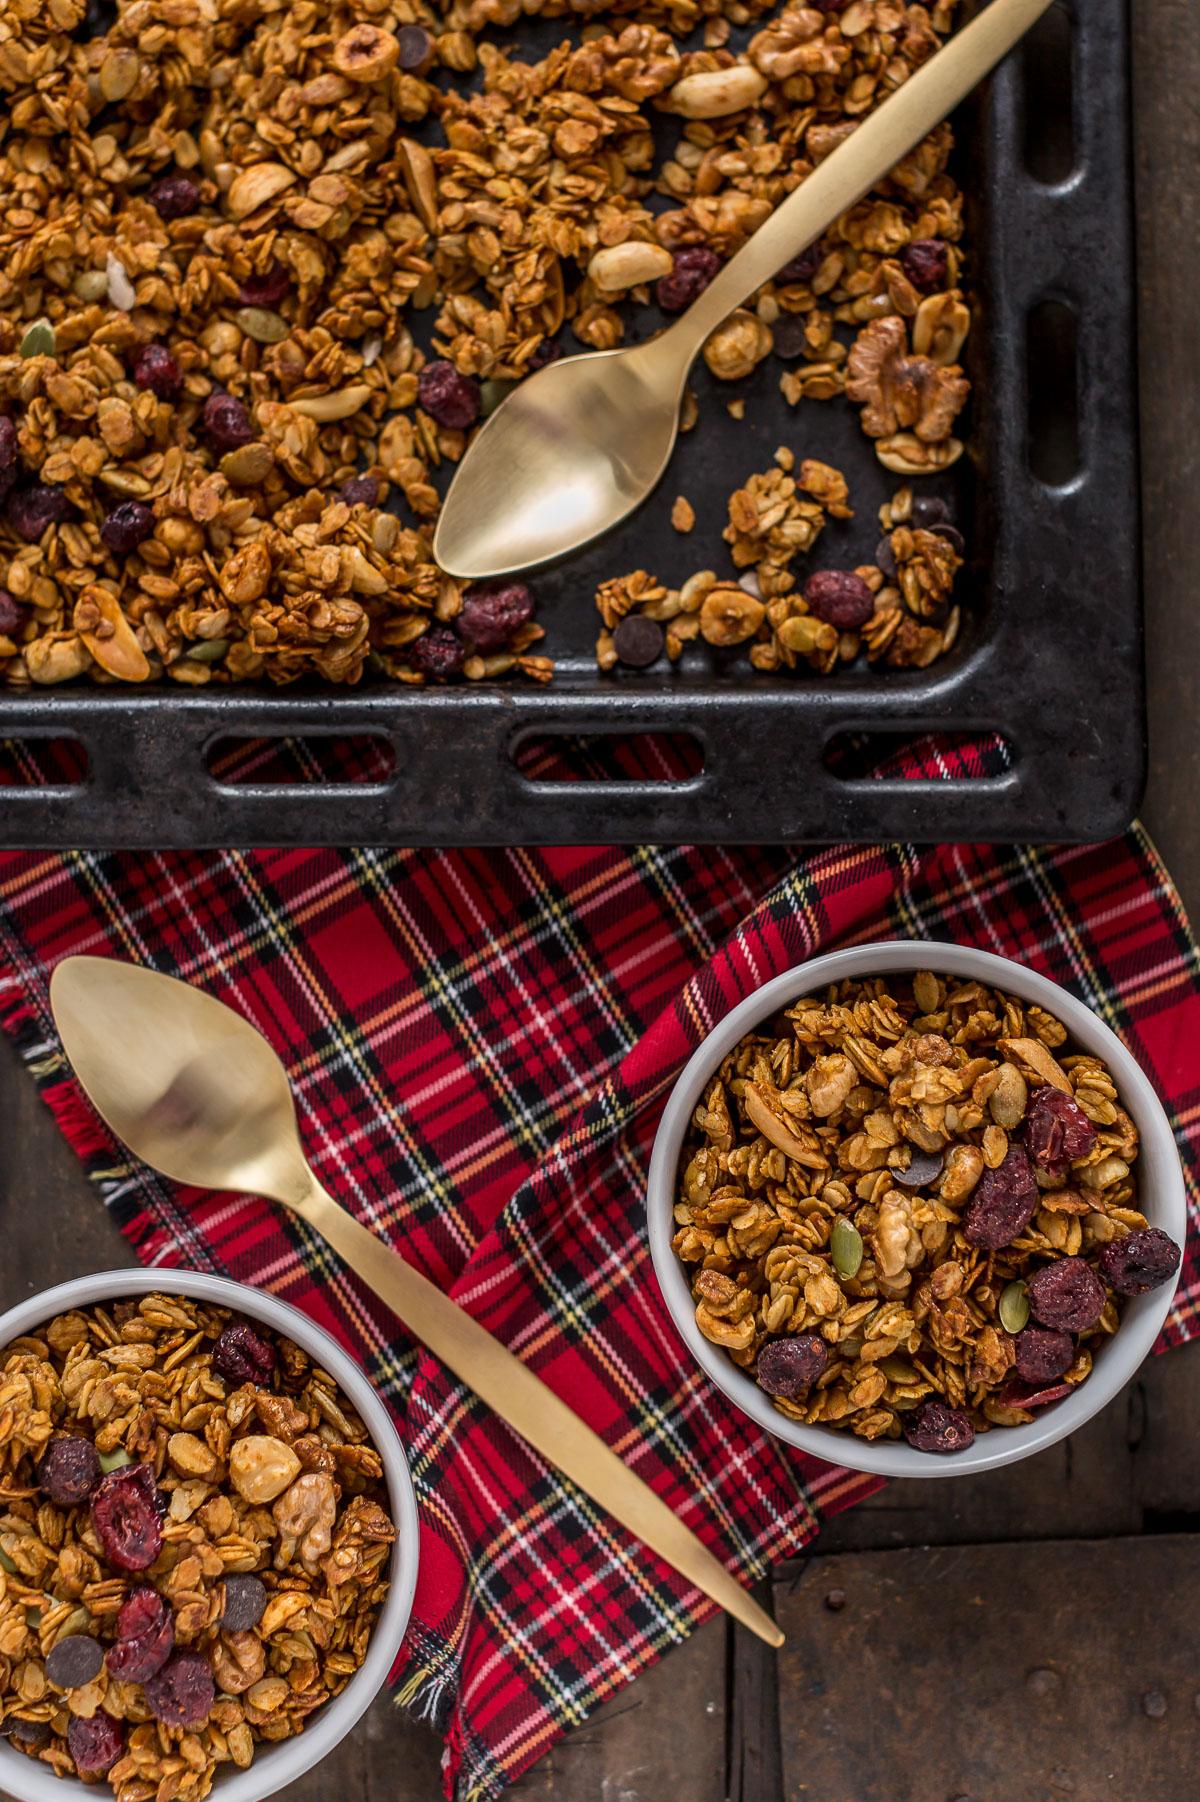 vegan pumpkin granola with hazelnuts and pumpkin seeds ricetta granola light alla zucca granola fatta in casa con nocciole e semi di zucca